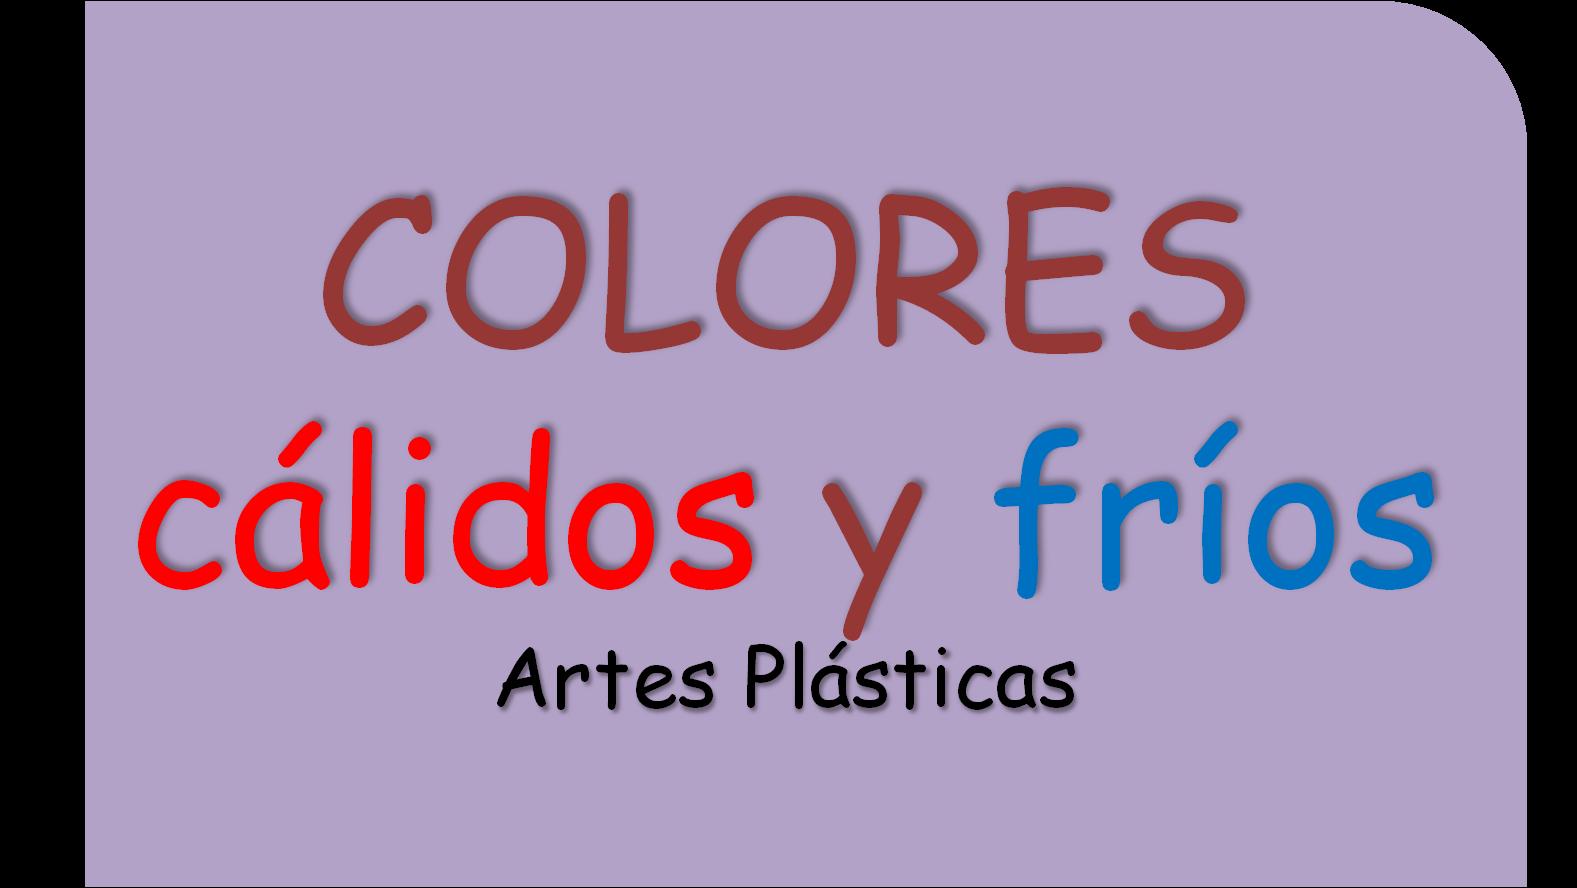 Colores c lidos y fr os pevanart academia - Los colores calidos y frios ...